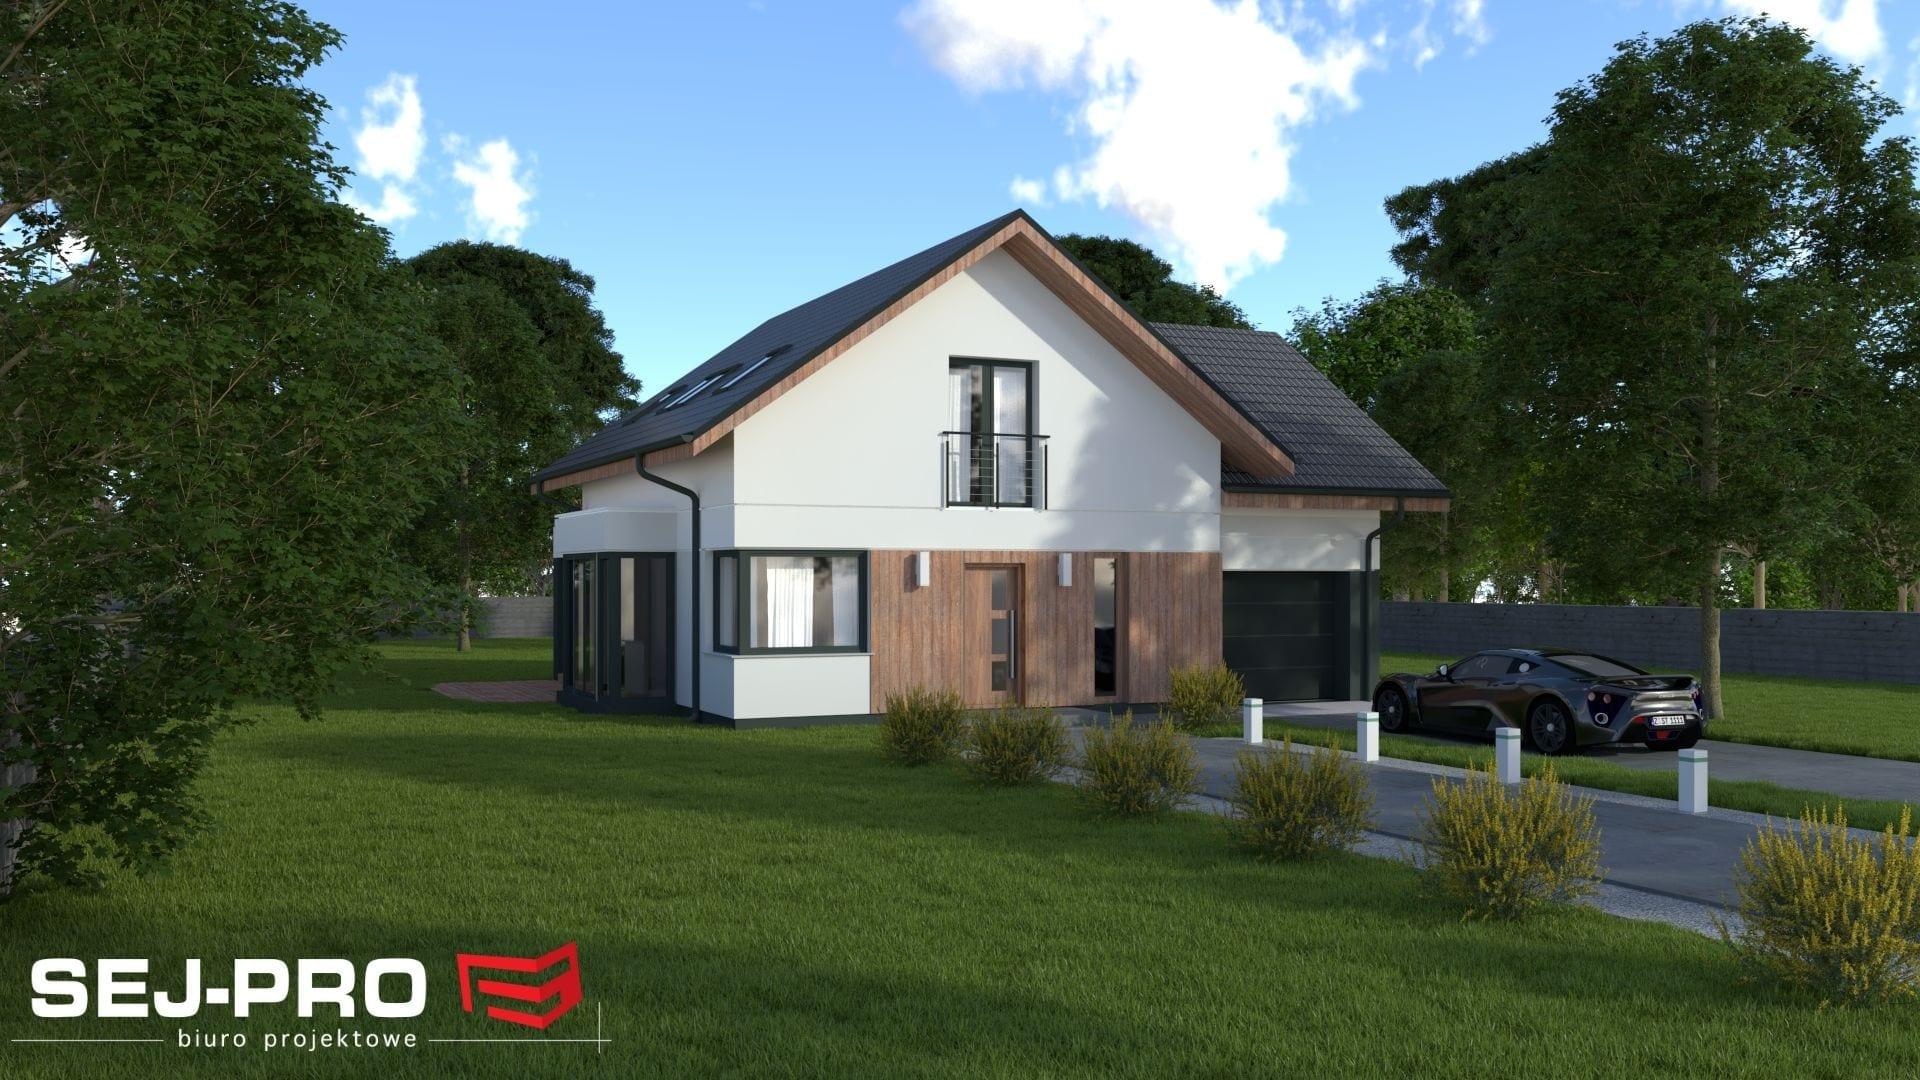 Projekt domu SEJ-PRO 046 ENERGO